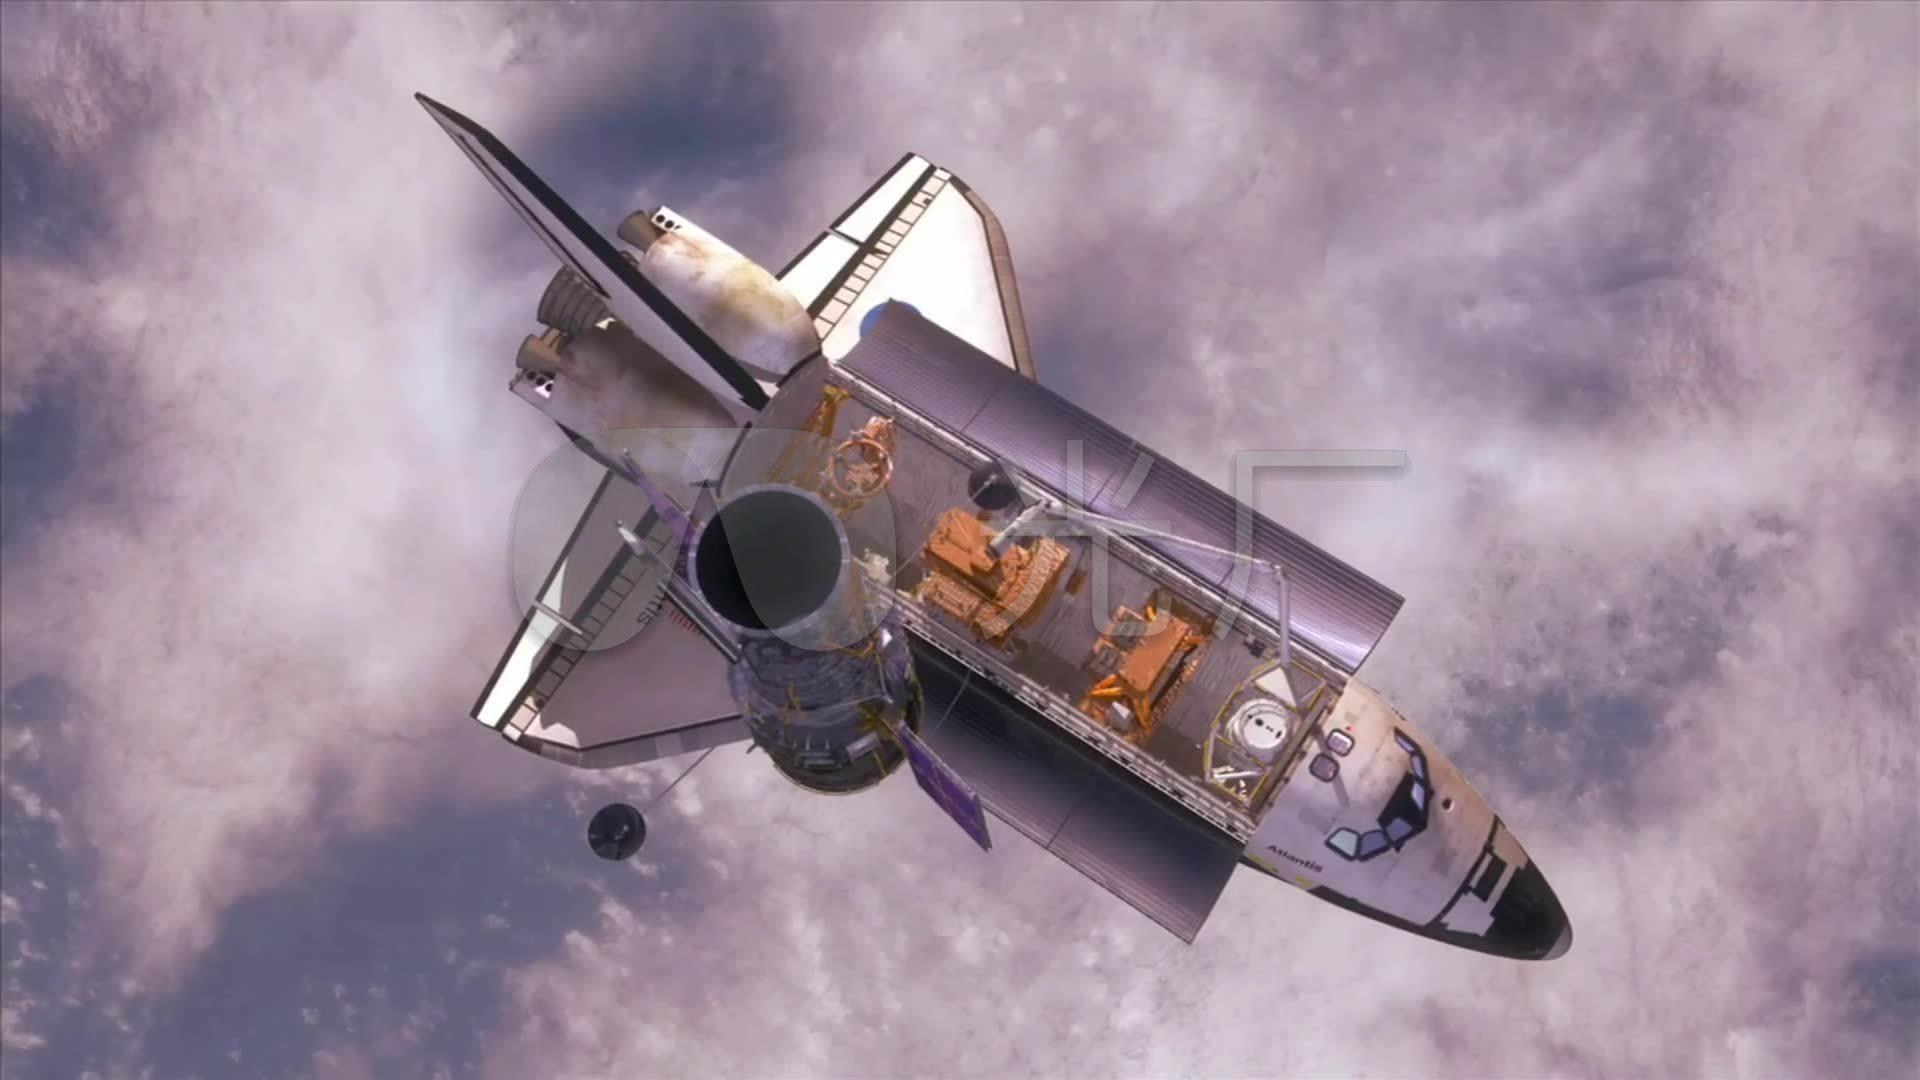 航天飞机送卫星进轨道_1920x1080_高清视频素材下载